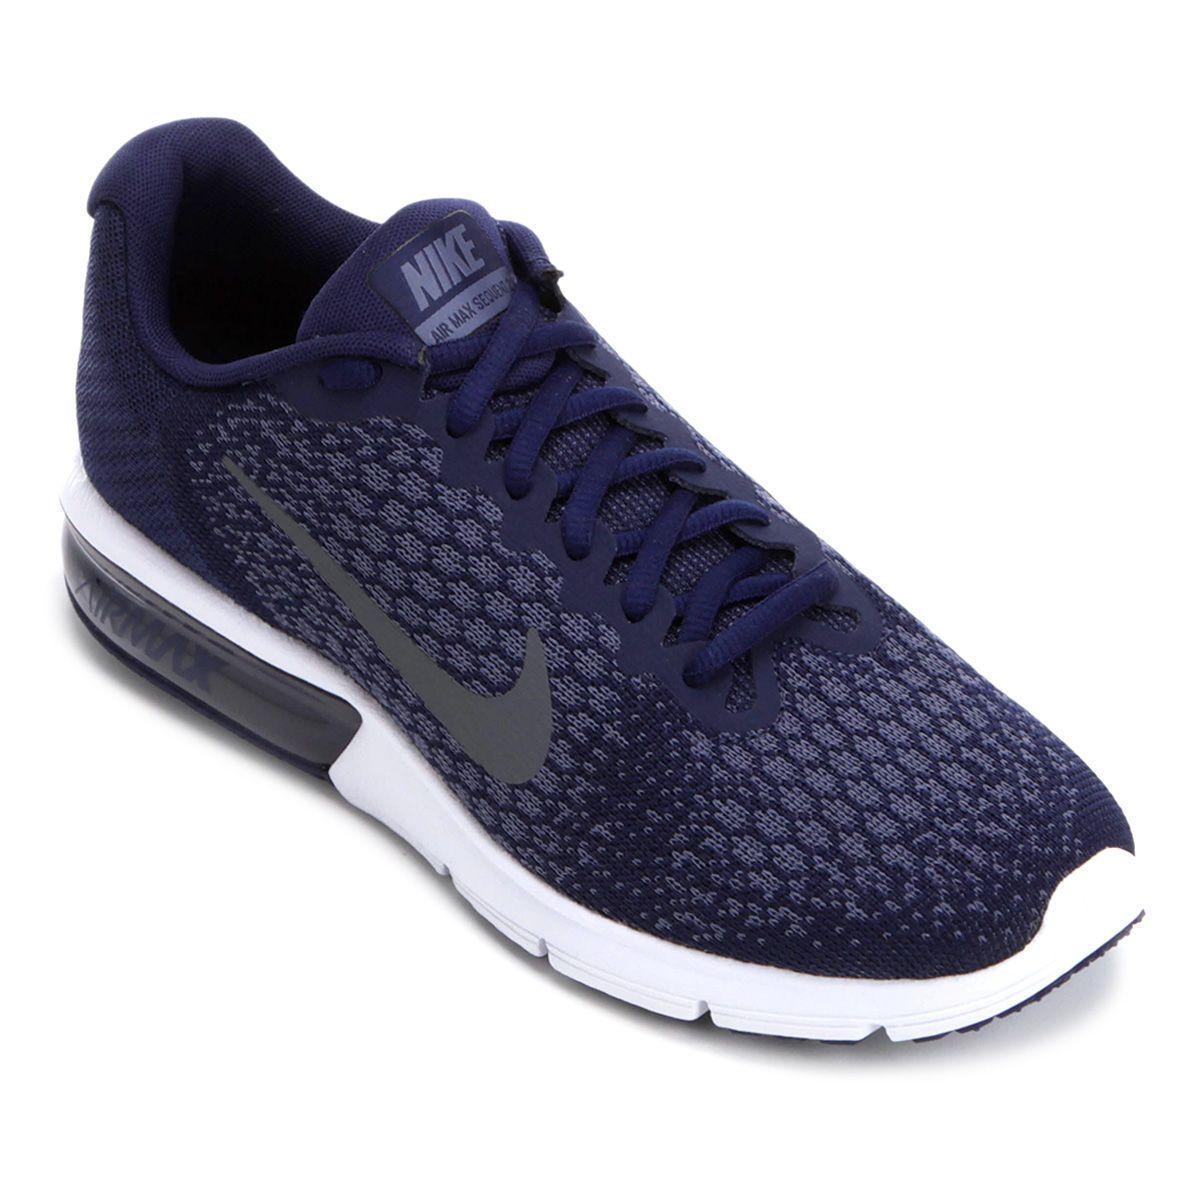 a3a0e8ab2f Tênis Nike Air Max Sequent 2 Masculino - Azul e Cinza